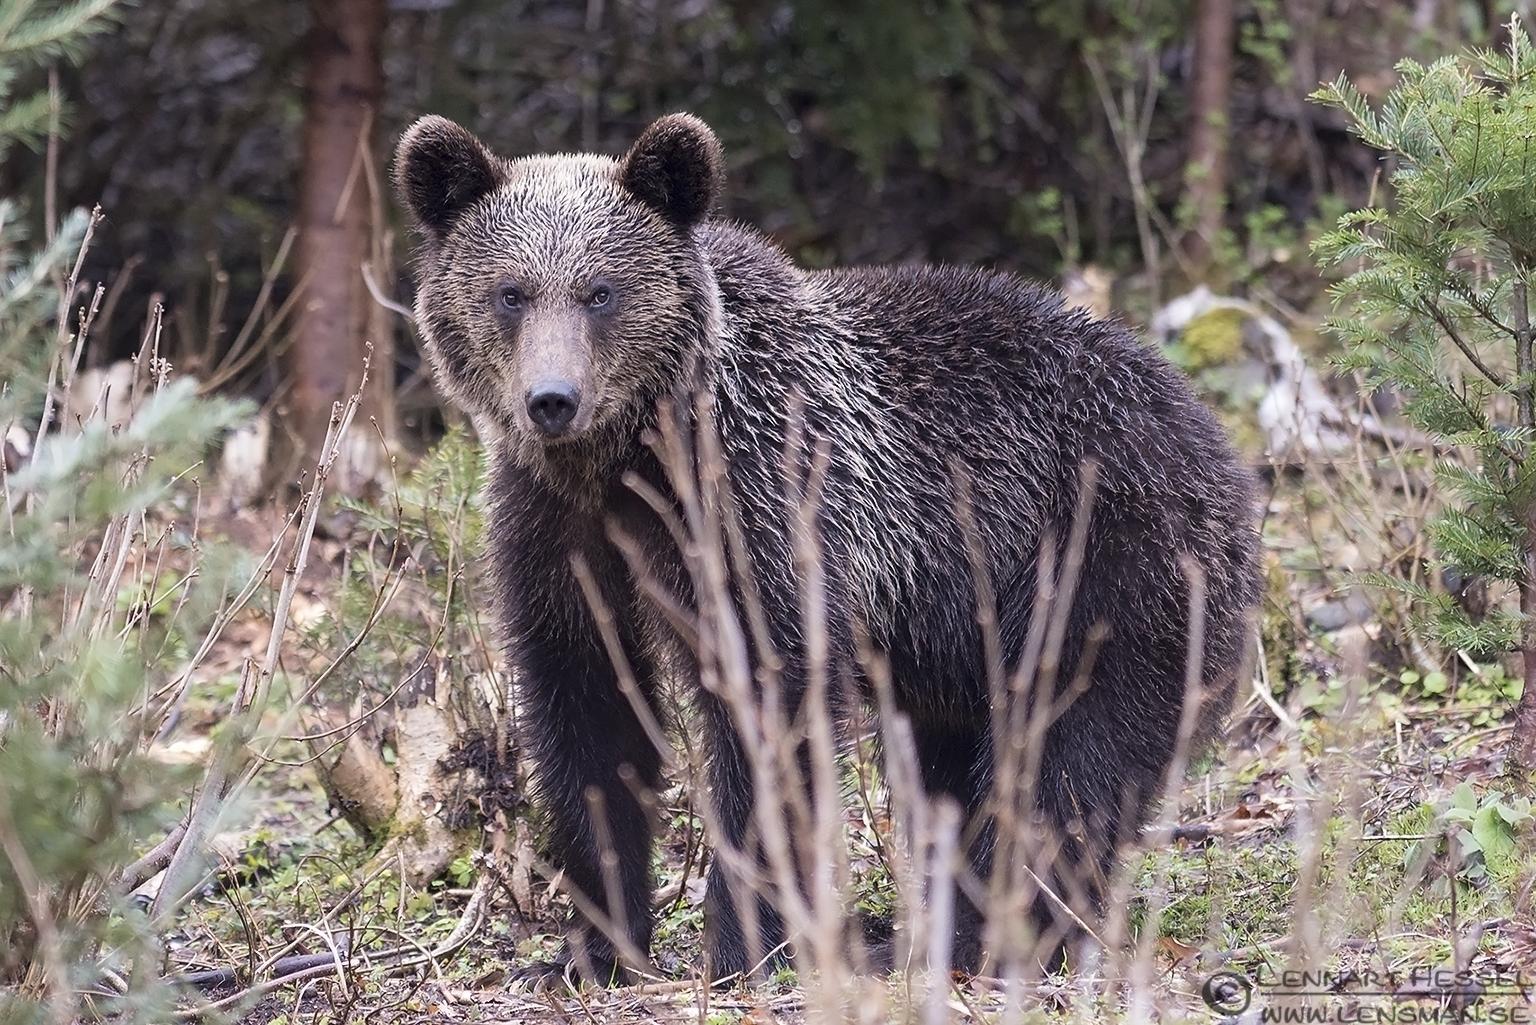 Brown Bear Transylvania, Romania